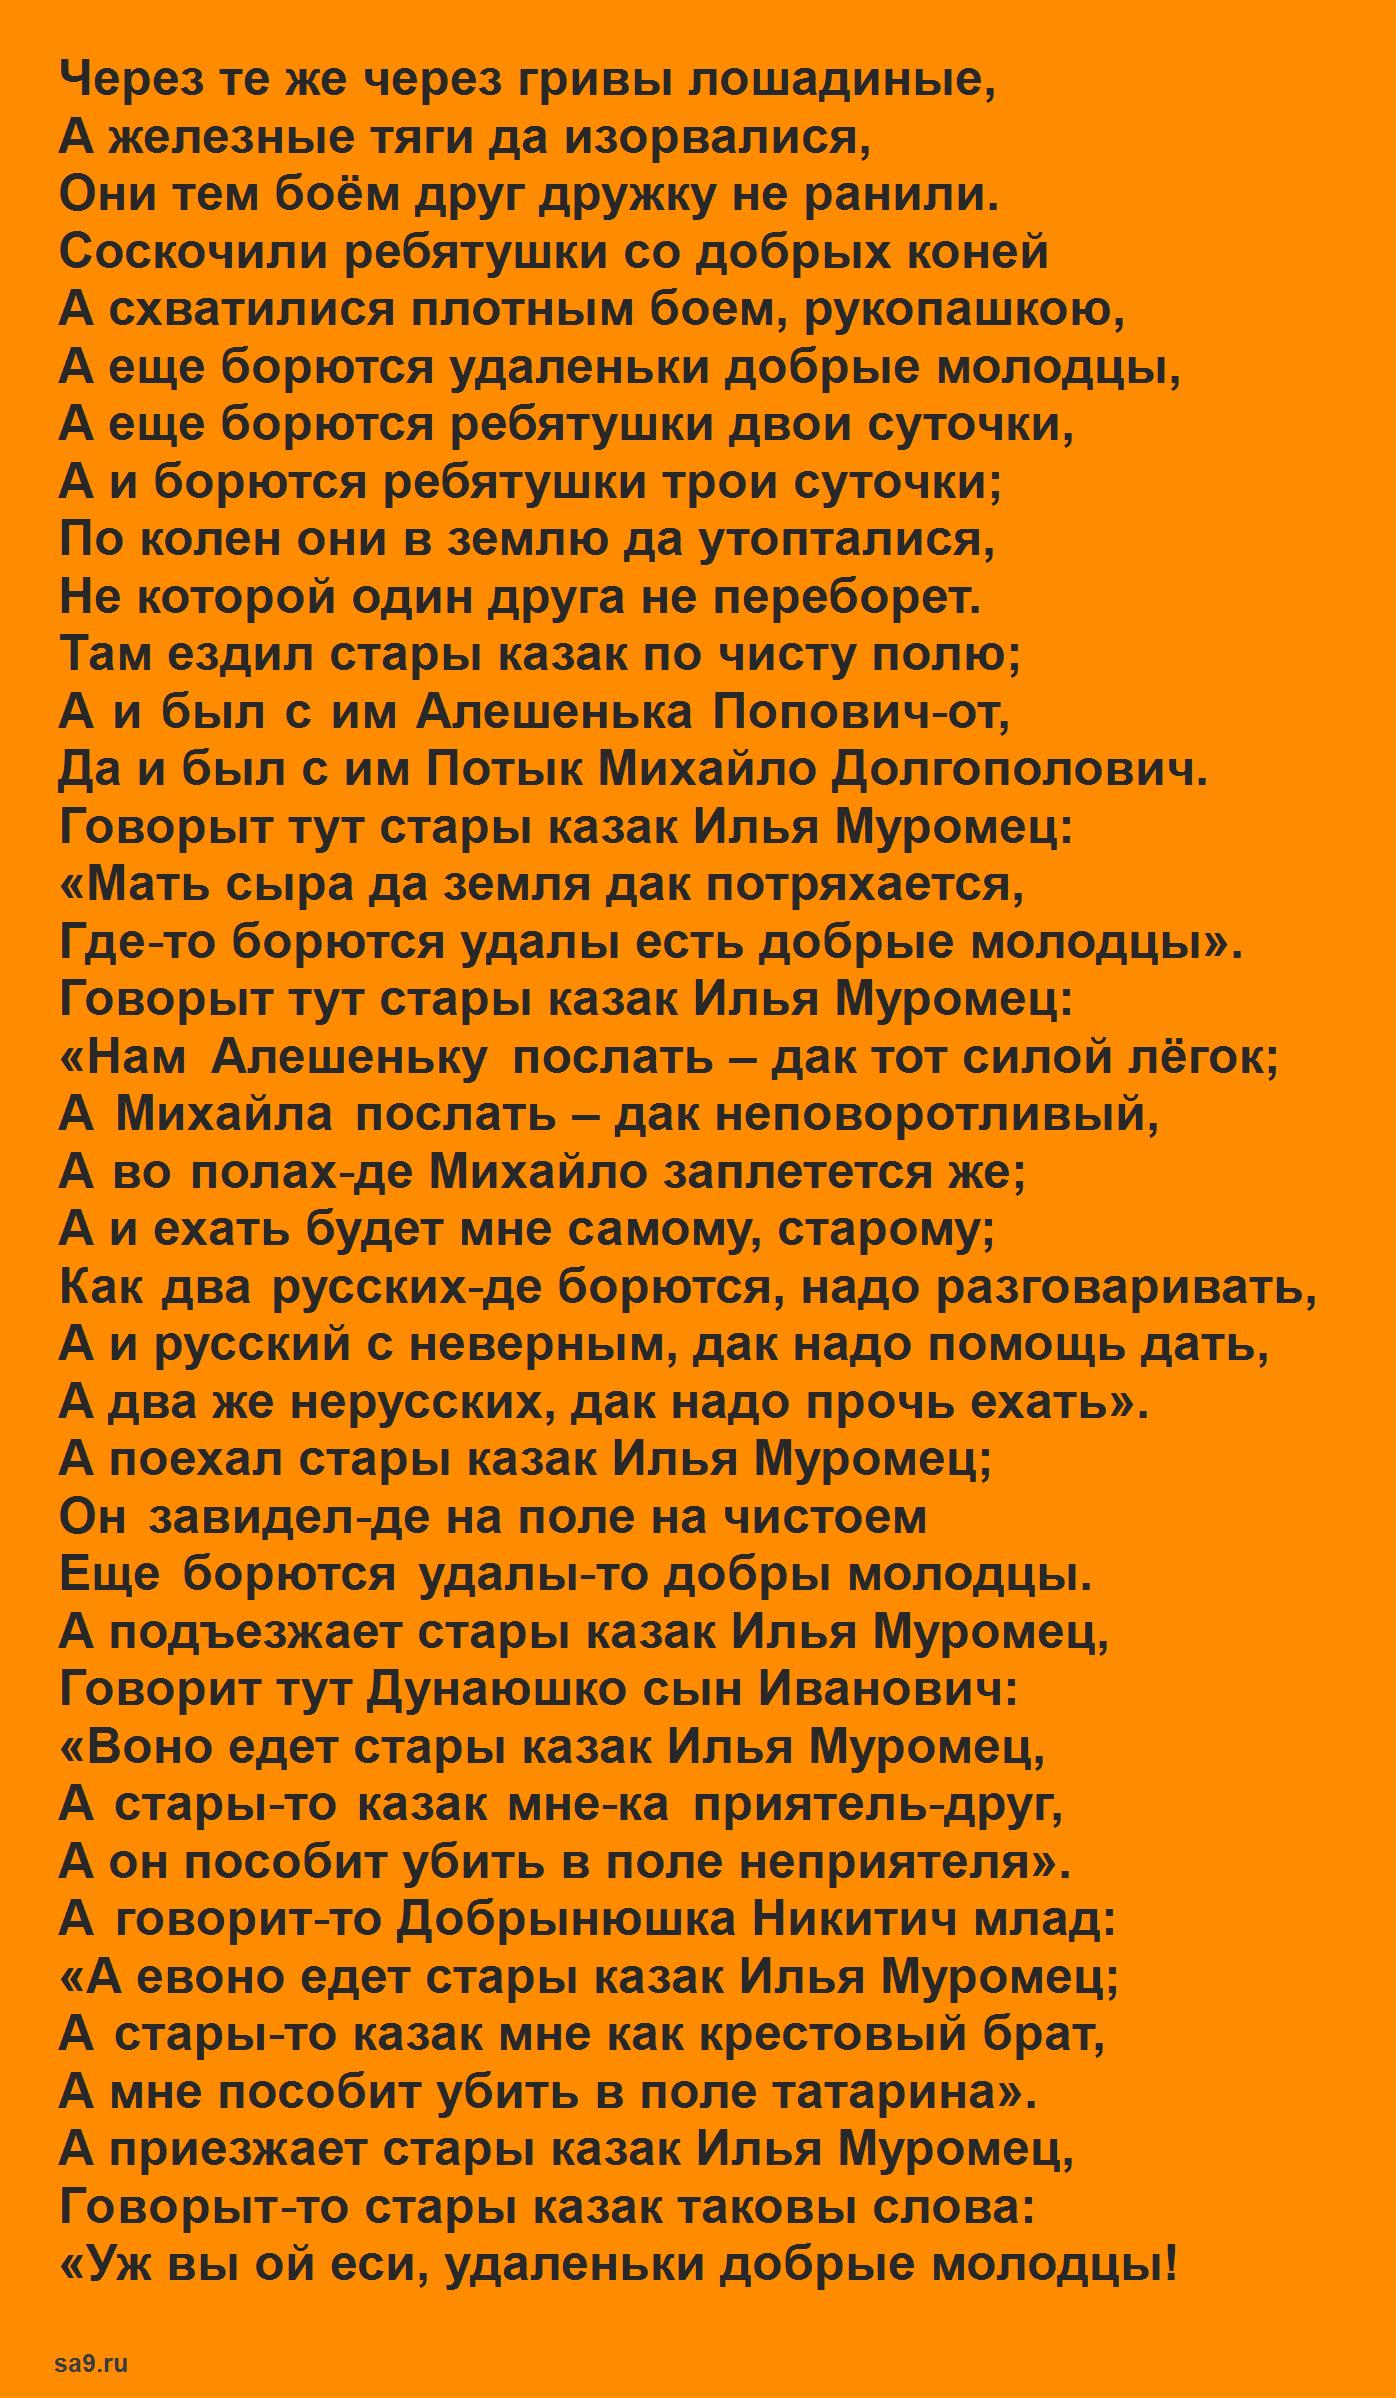 Читать русскую народную былину - Бой Дуная и Добрыни